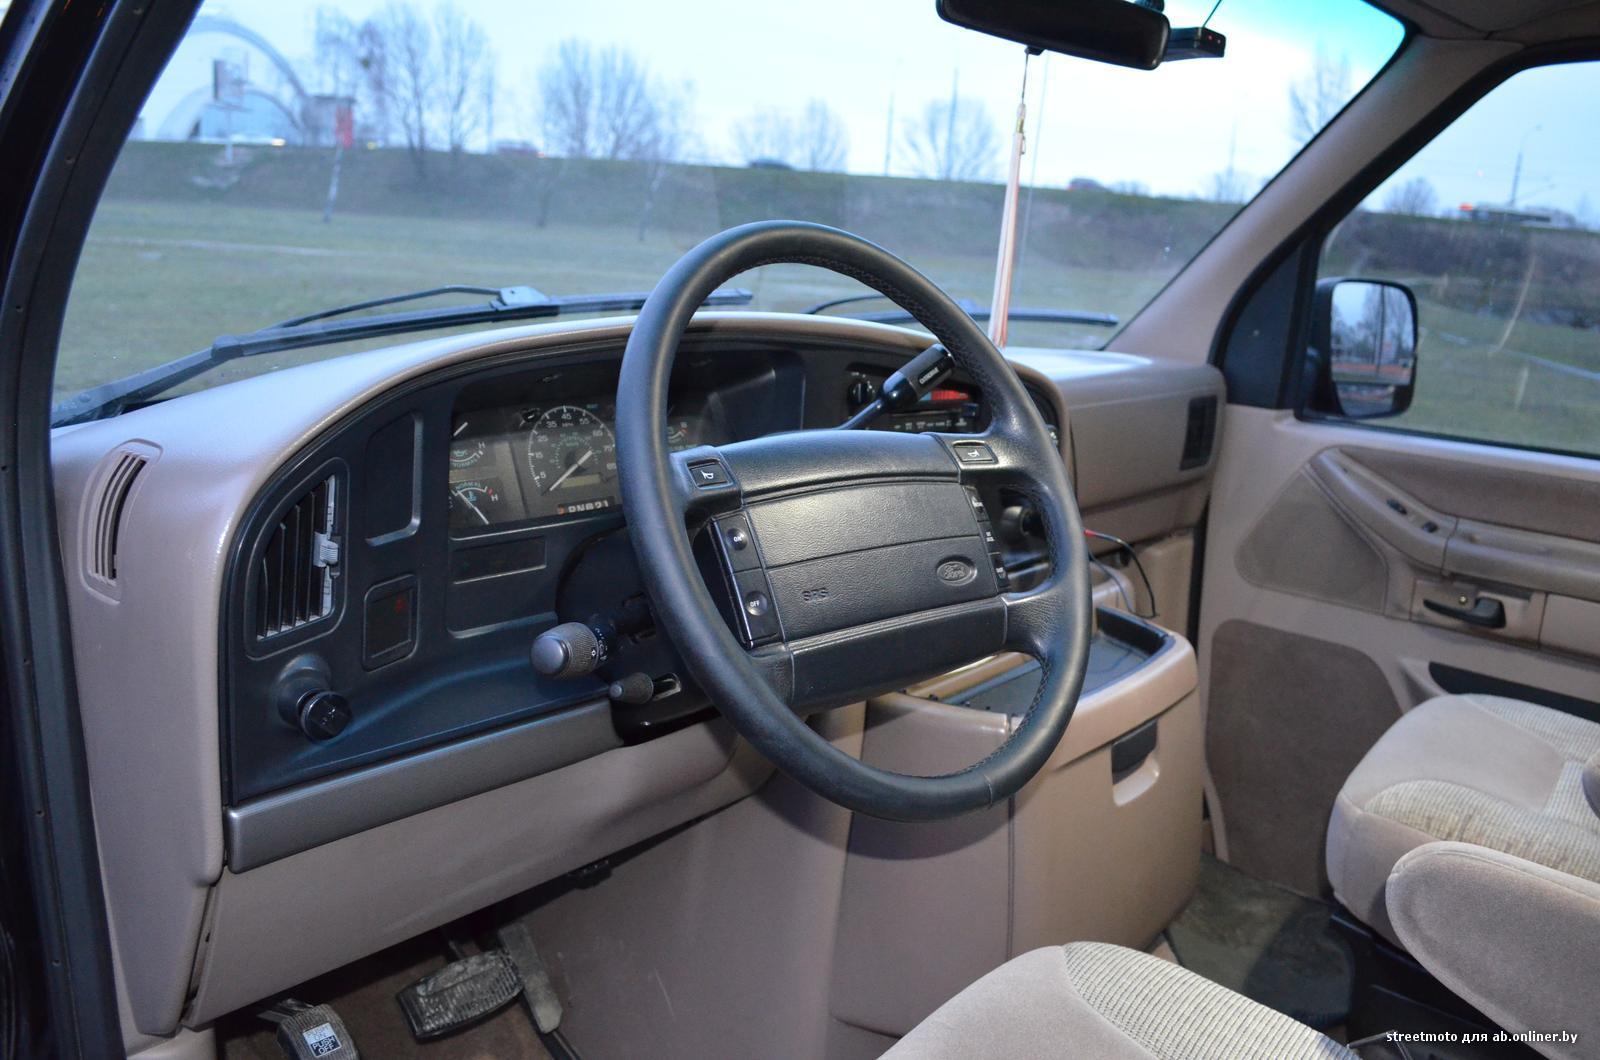 Ford Econoline E350 club wagon